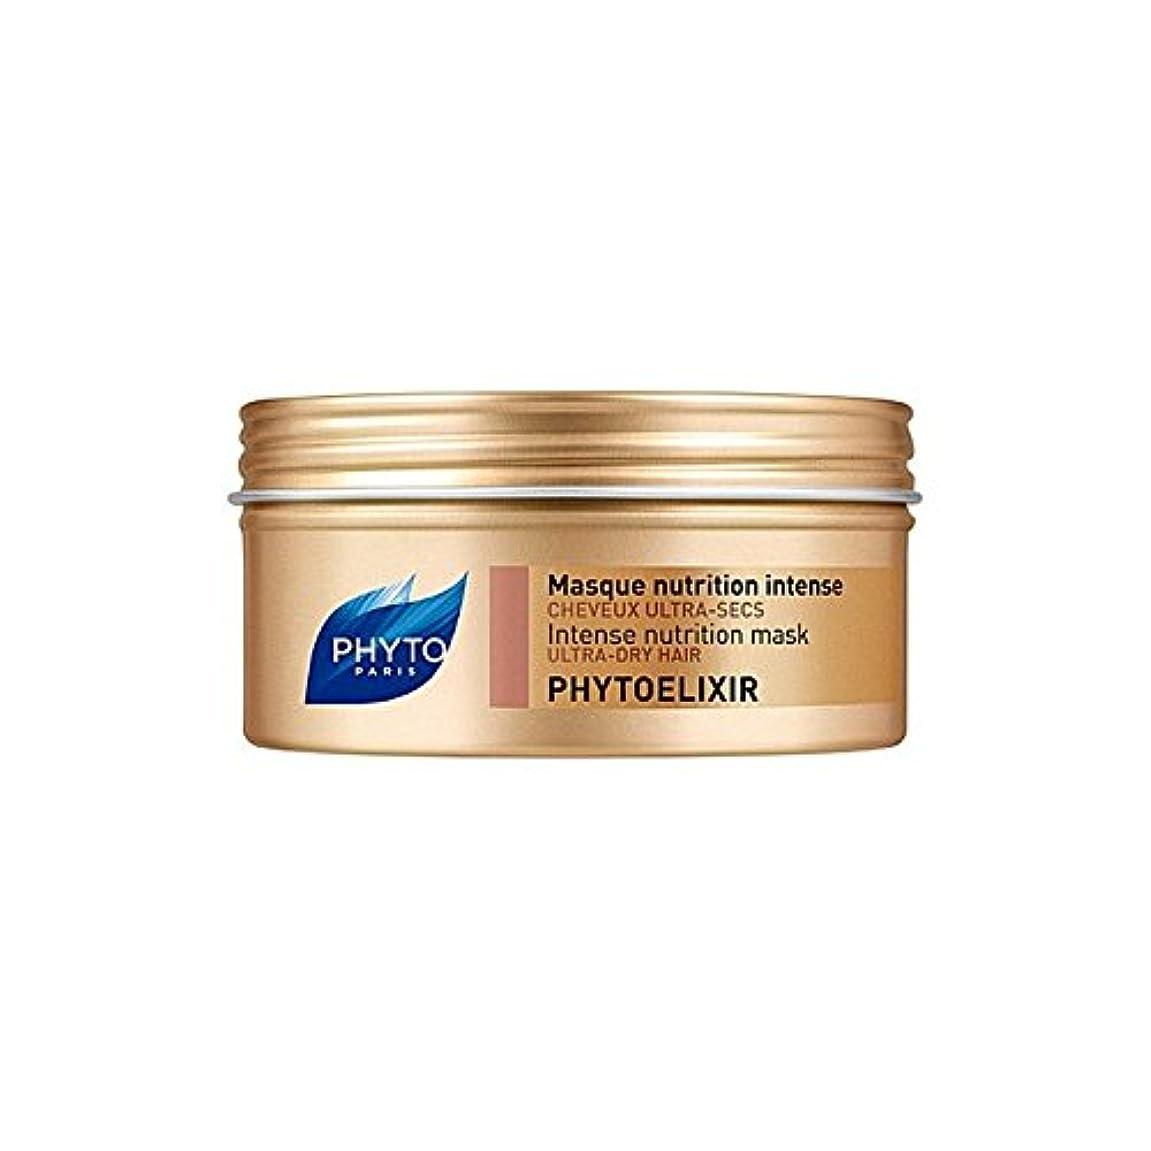 尊厳匿名時計回りフィトの強烈な栄養マスク x4 - Phyto Phytoelixir Intense Nutrition Mask (Pack of 4) [並行輸入品]